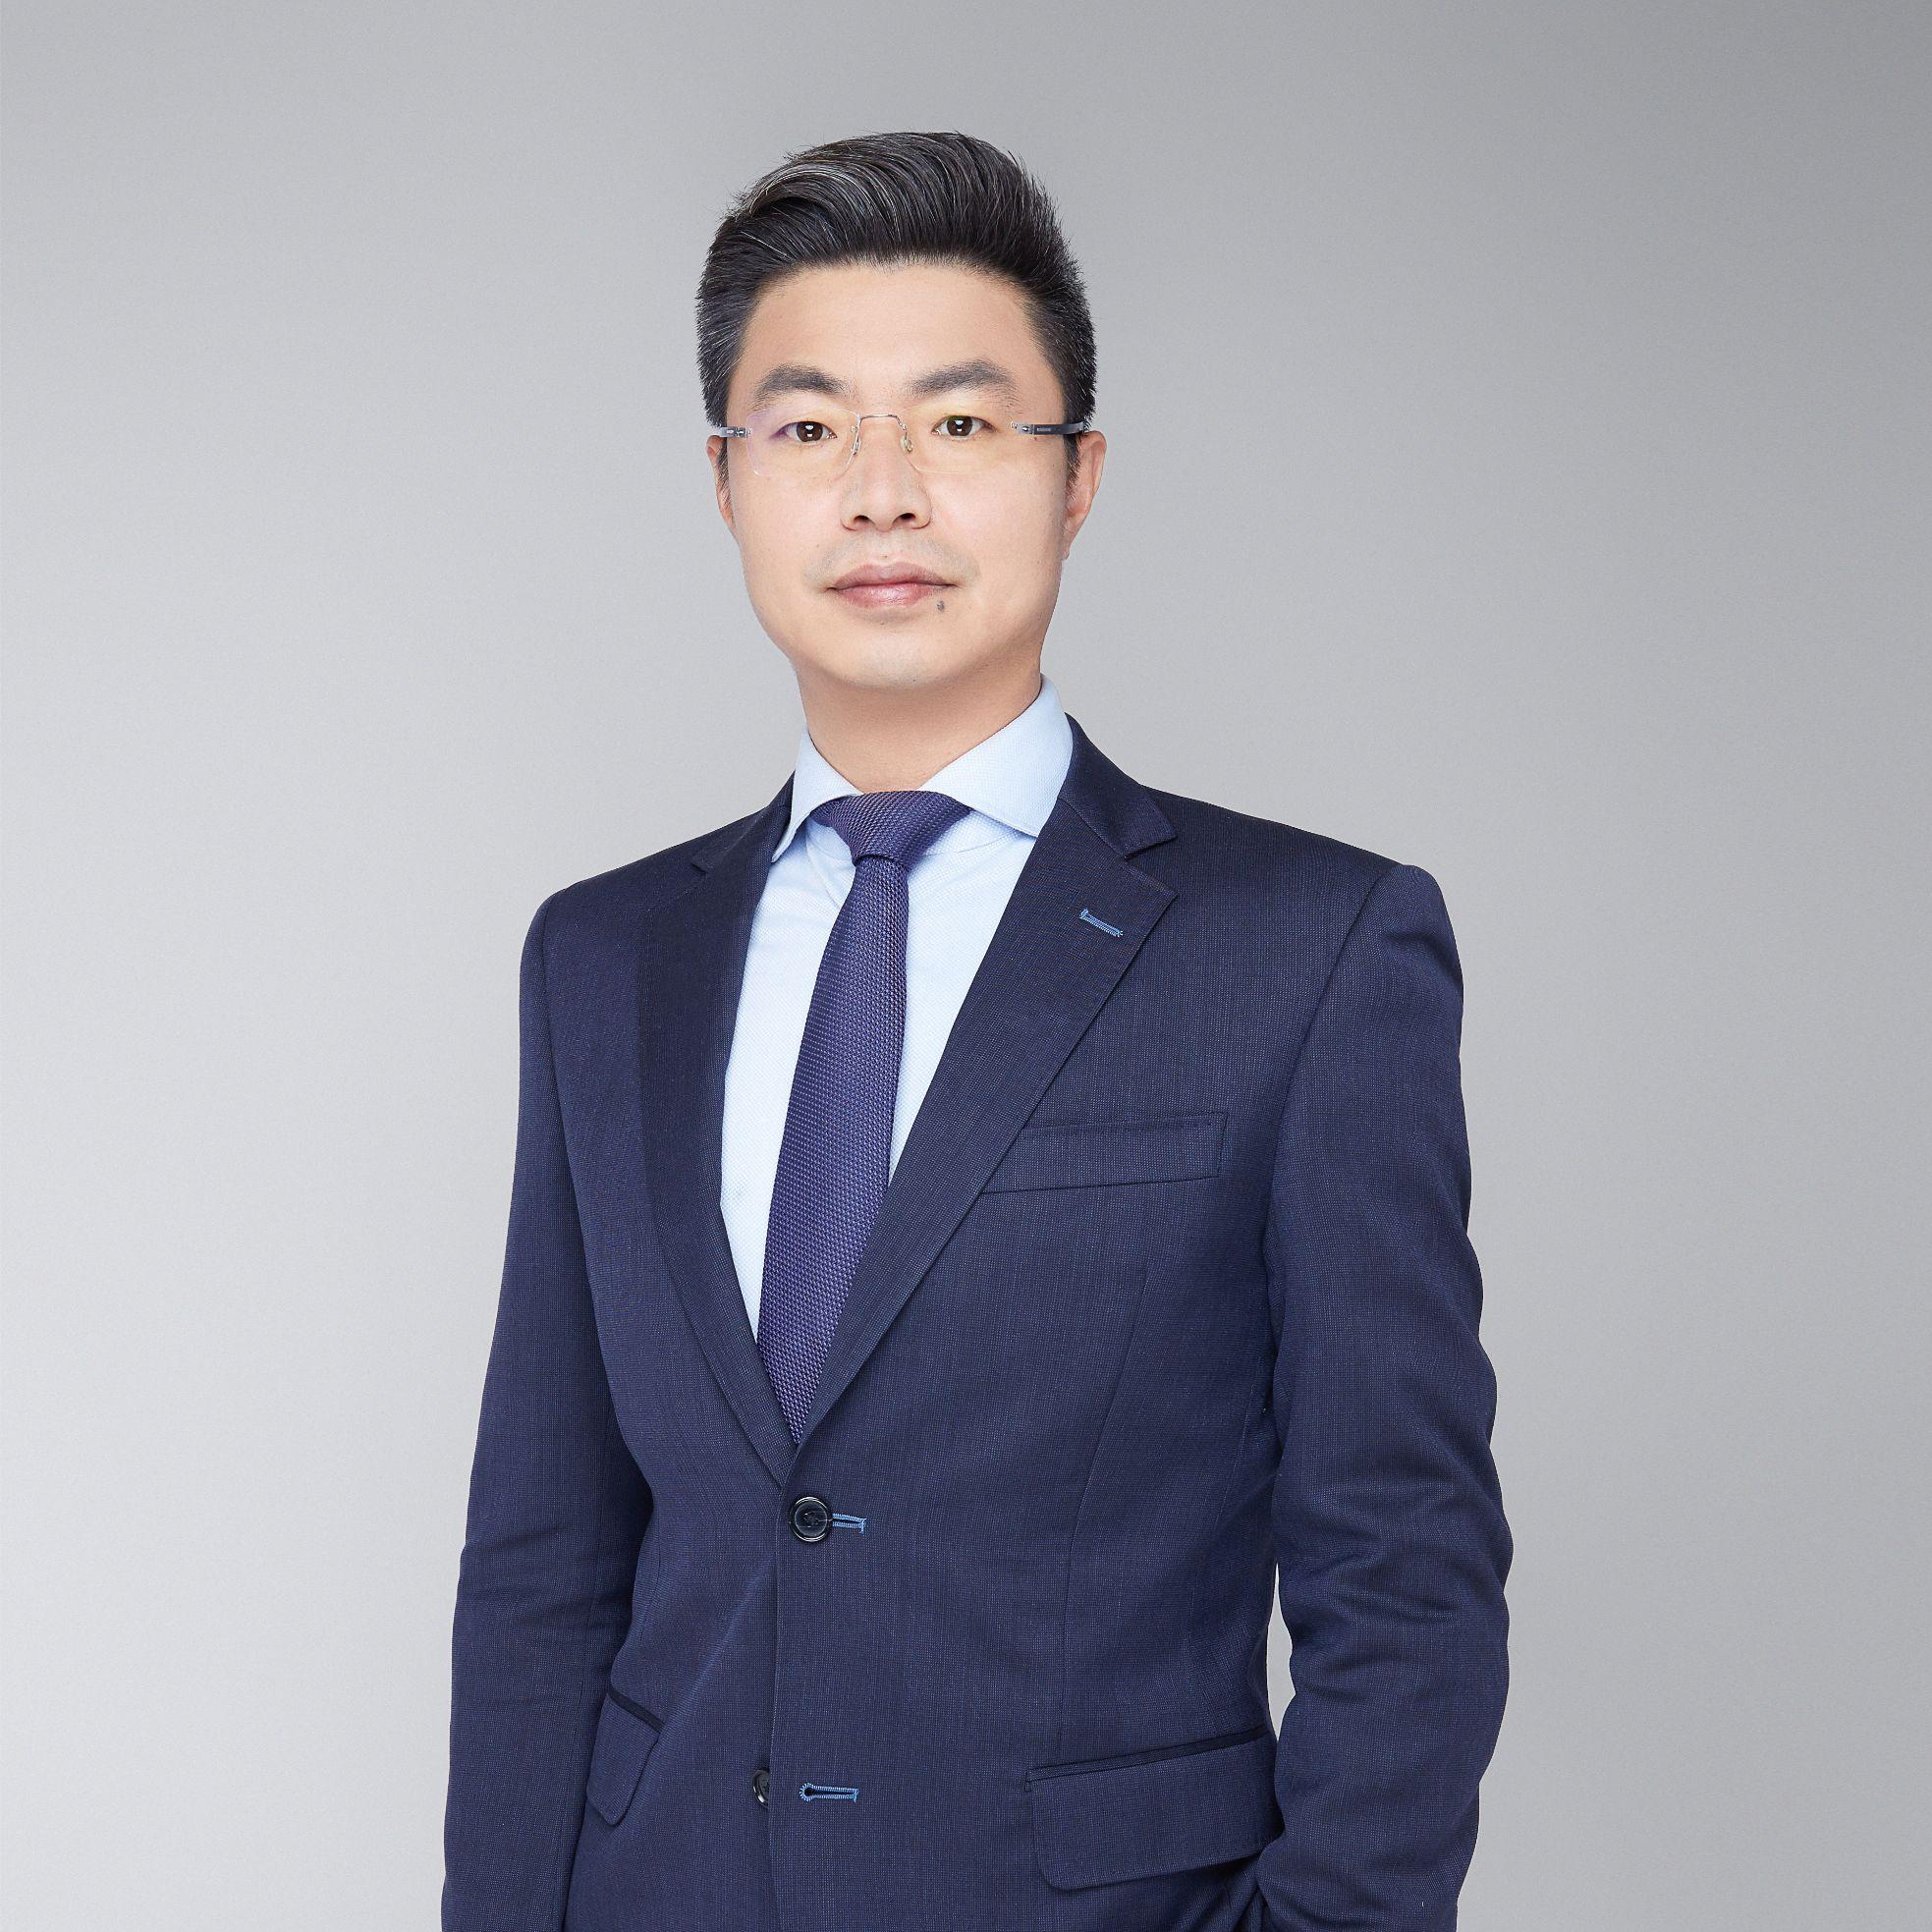 庞忠智:出任捷豹路虎双品牌销售执行副总裁